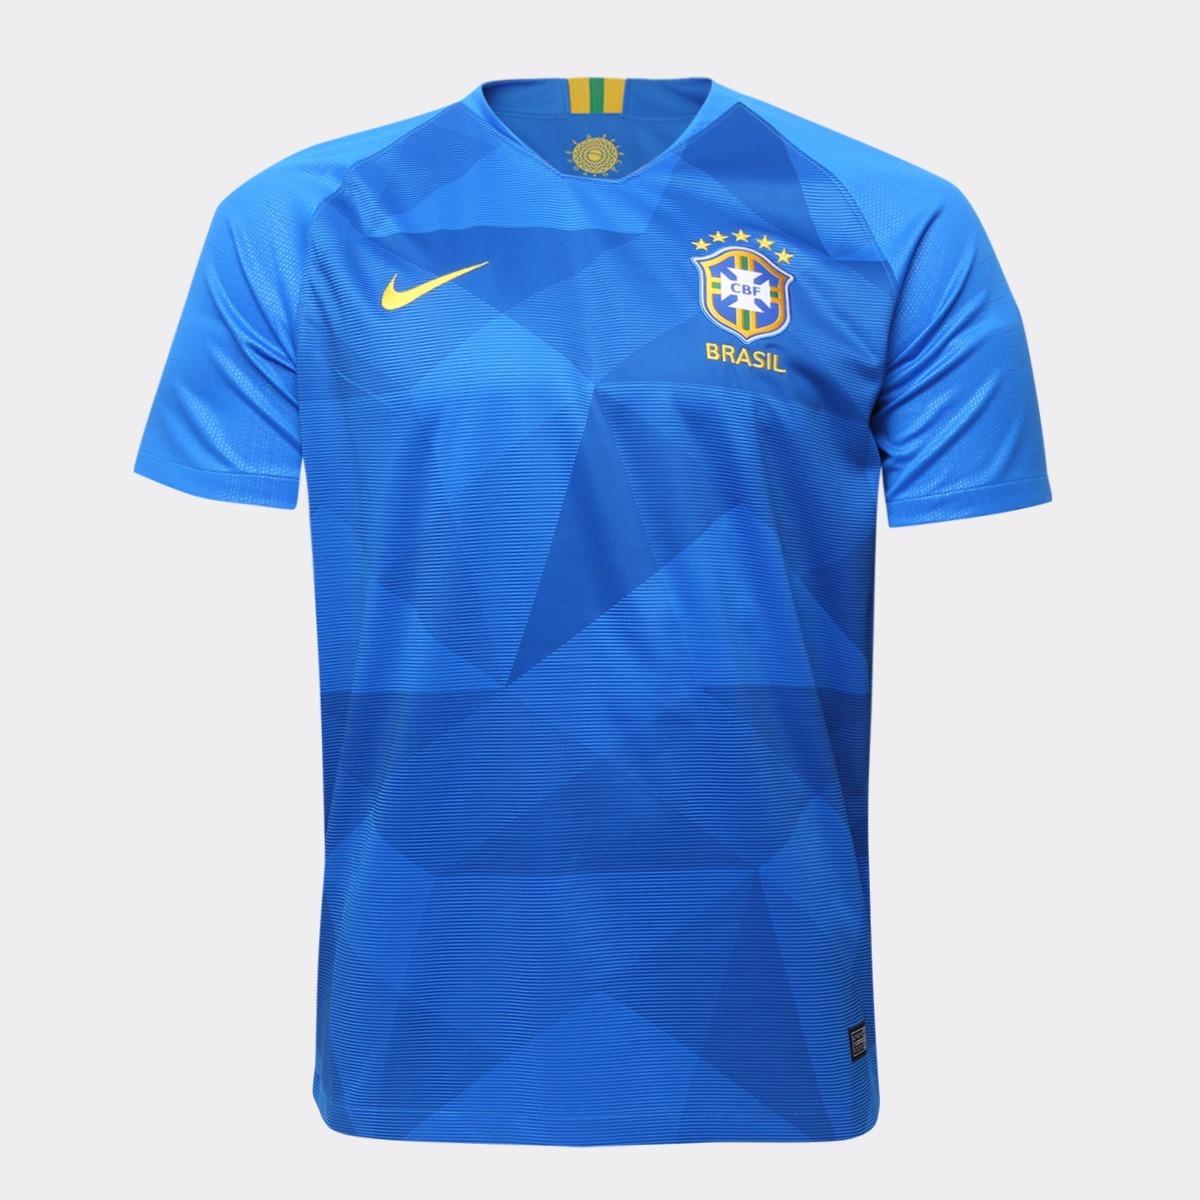 camisa seleção brasileira nike 2018 masculina - oficial. Carregando zoom. 223d2ef9f96ff